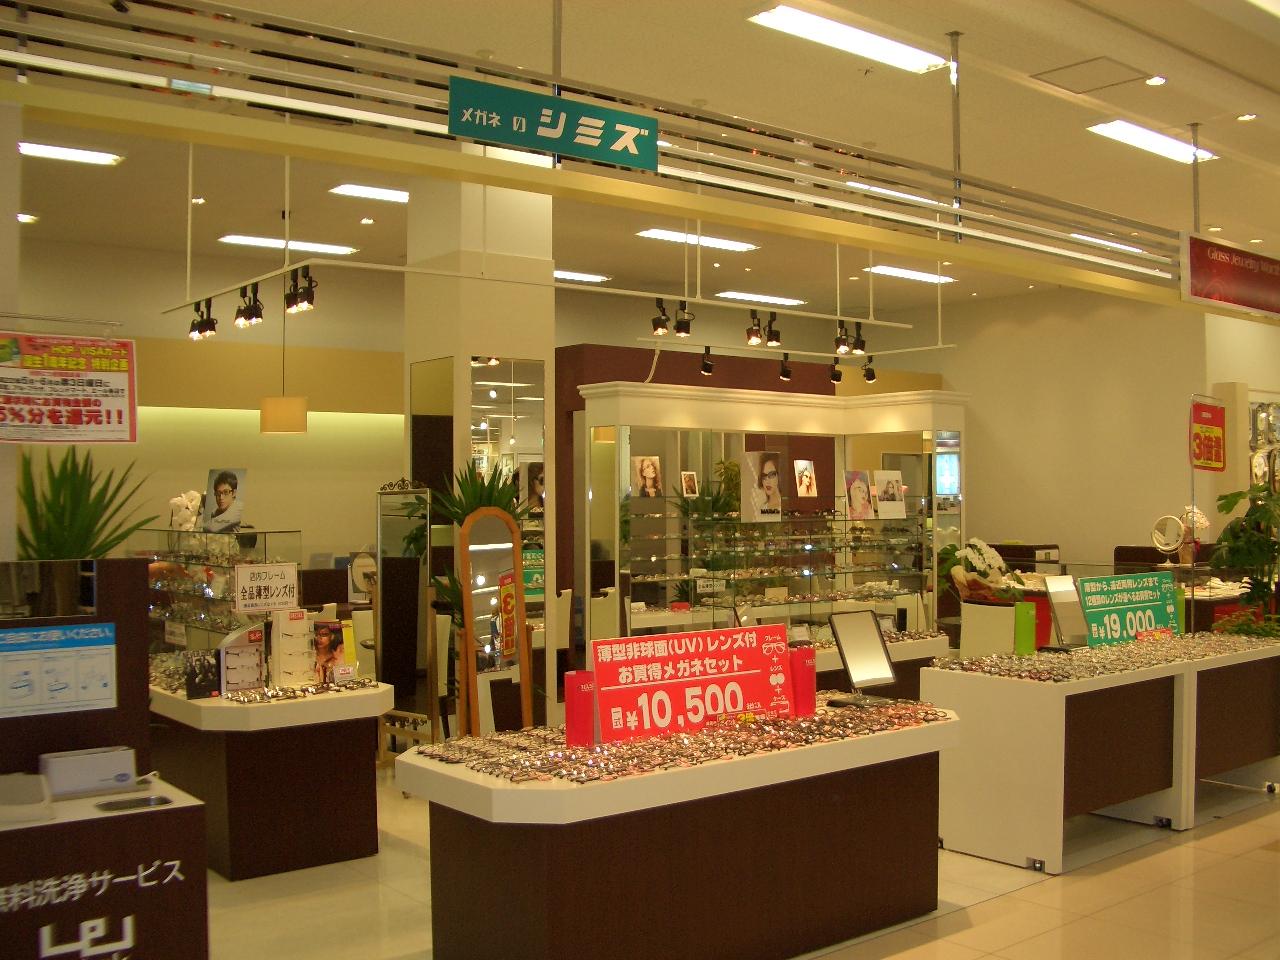 メガネ・補聴器 シミズ(安曇川店)